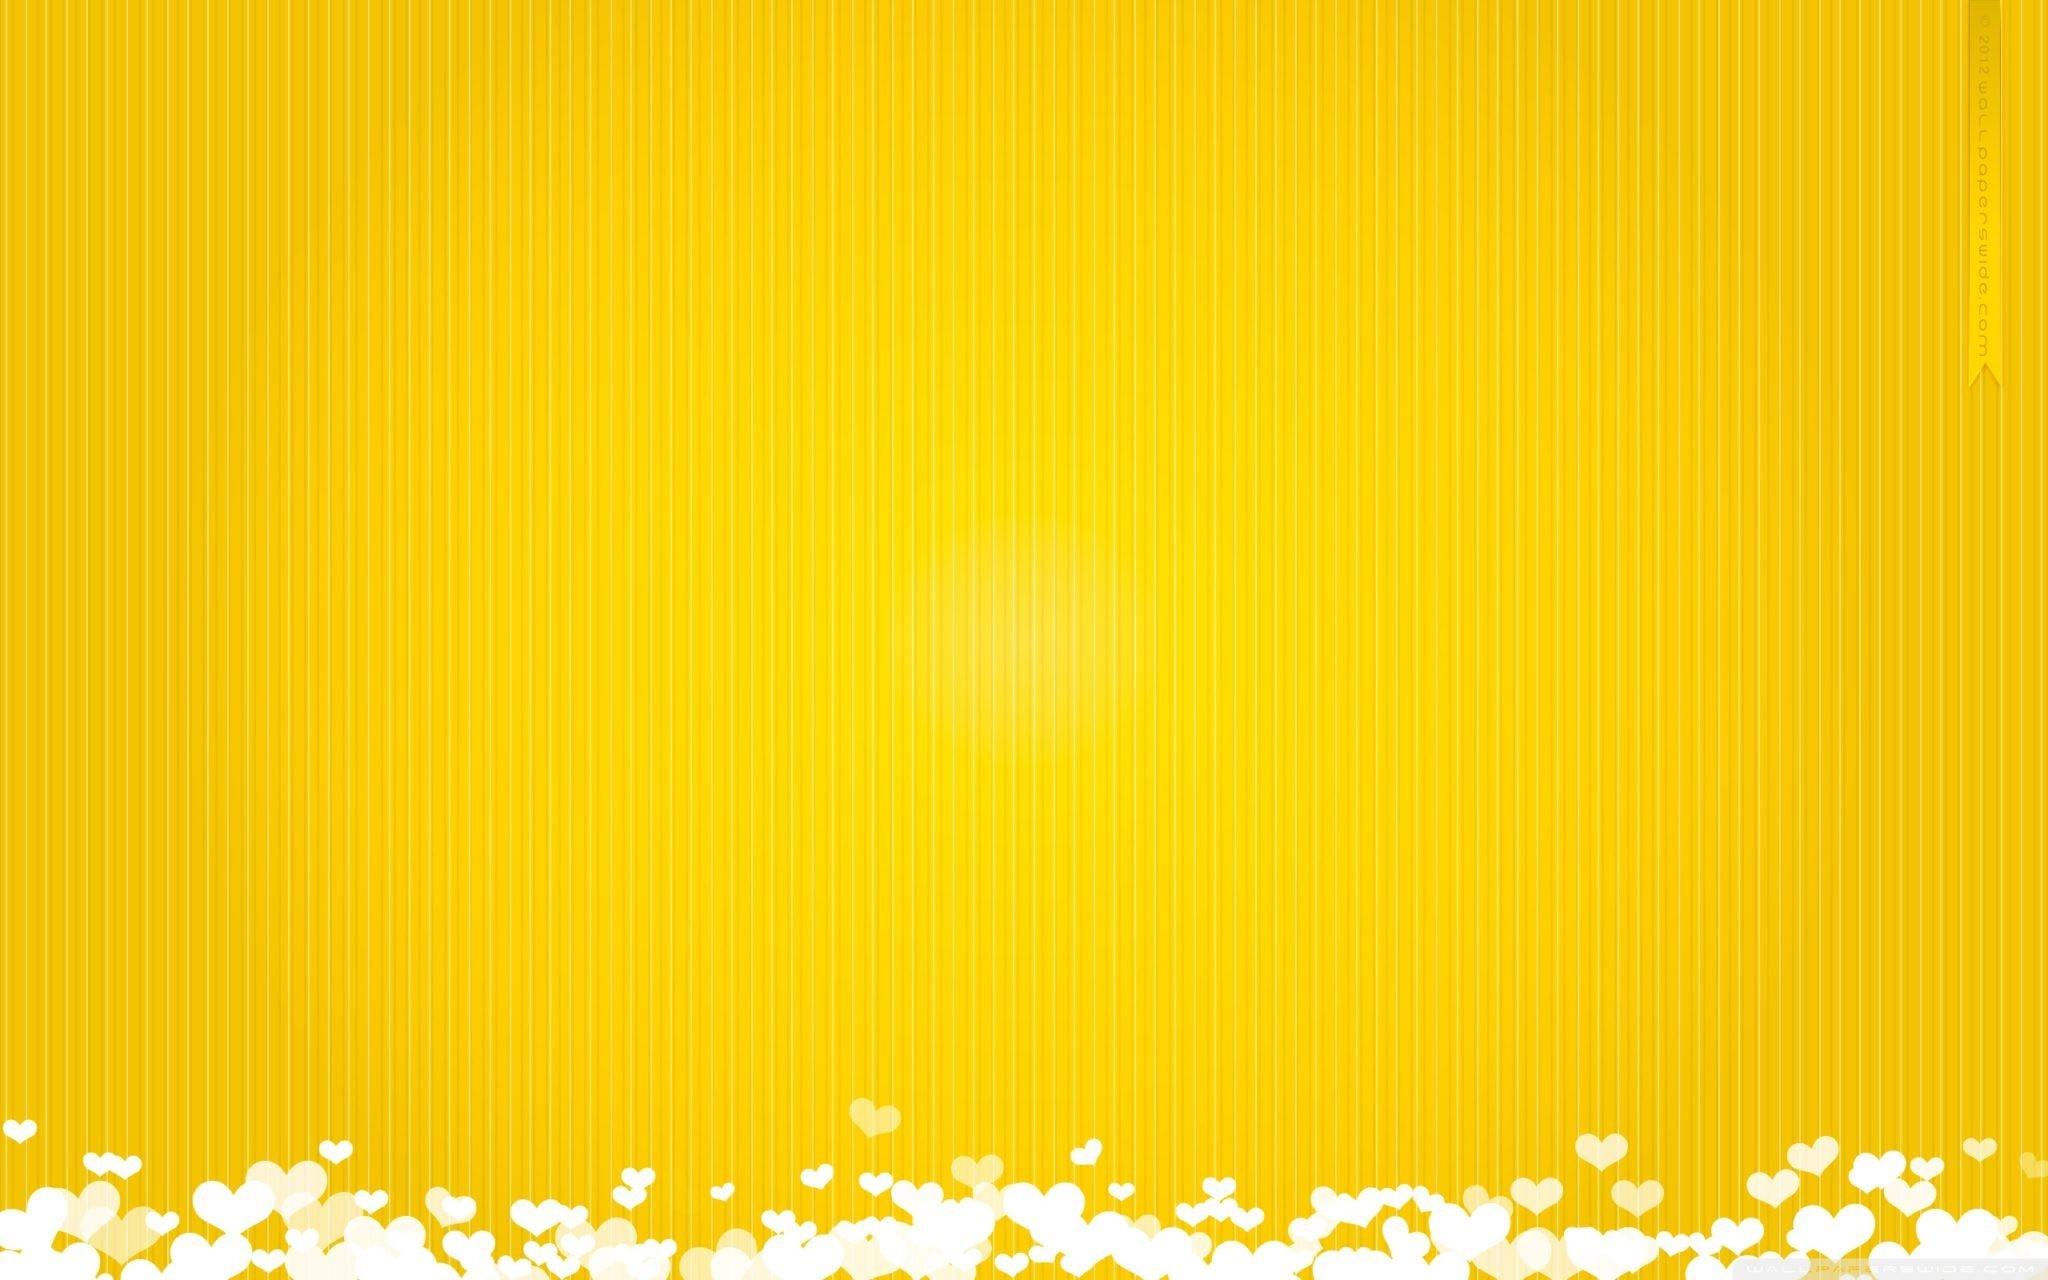 Badtz Maru Wallpaper 50 images